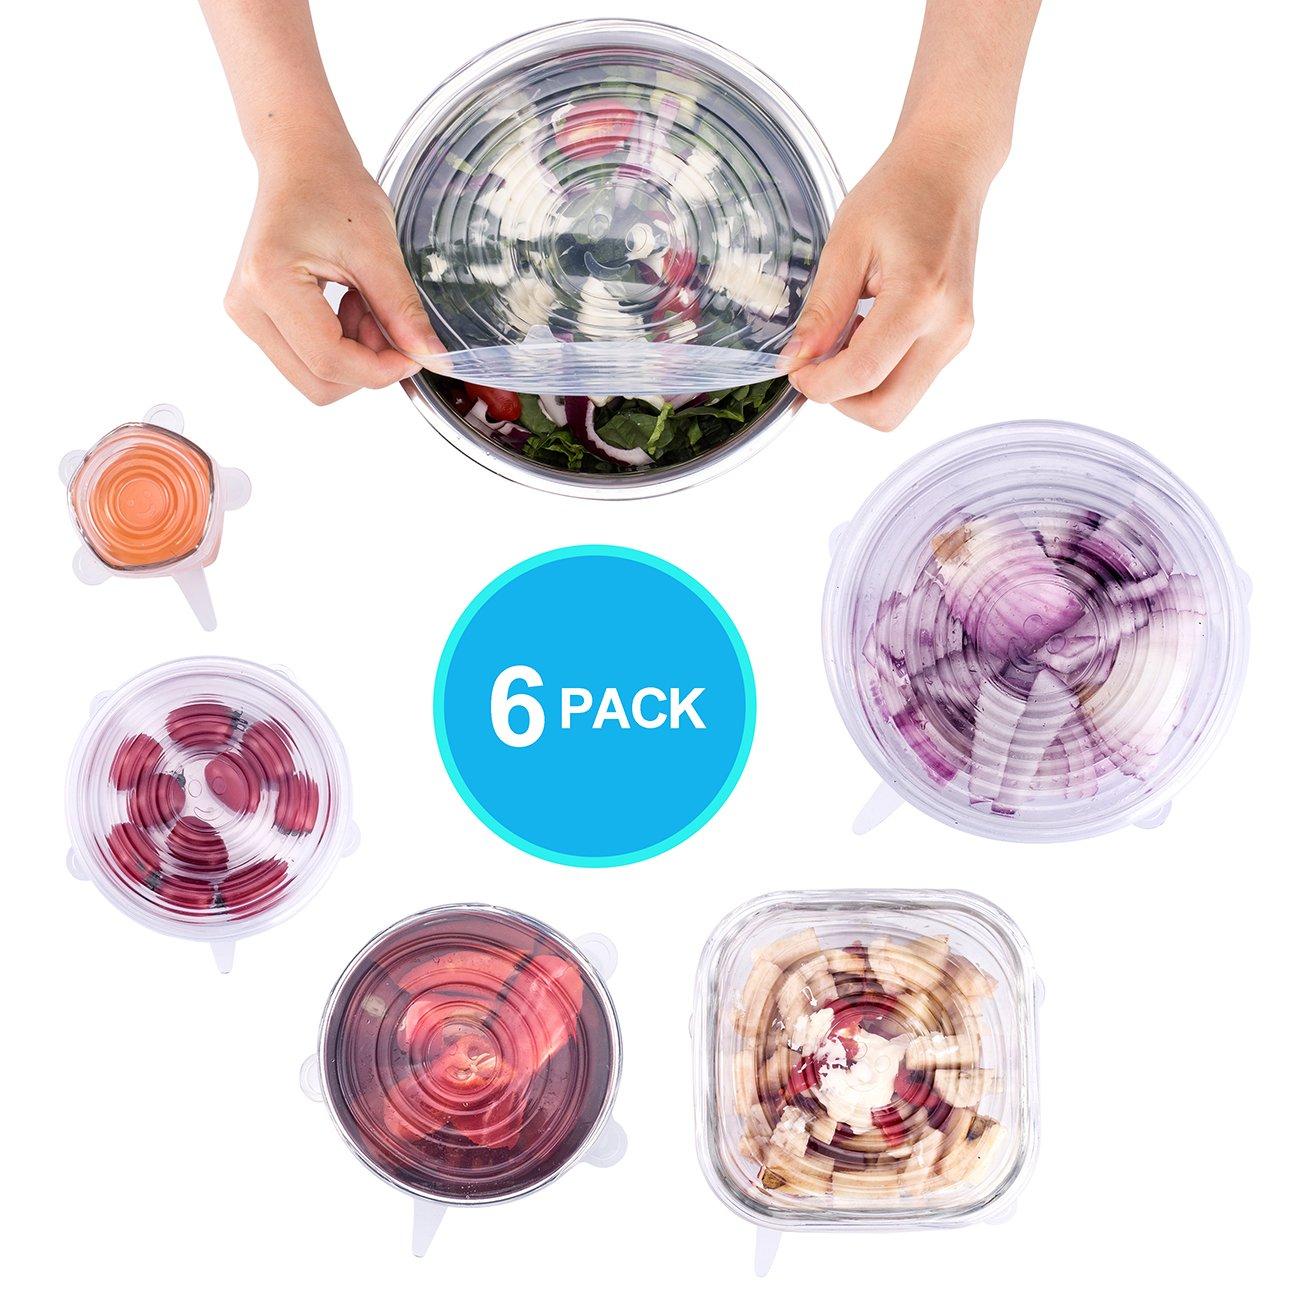 Silicone stretch coperchi, riutilizzabile cibo copertura può essere appeso con 6-pack di varie misure da Rbideli